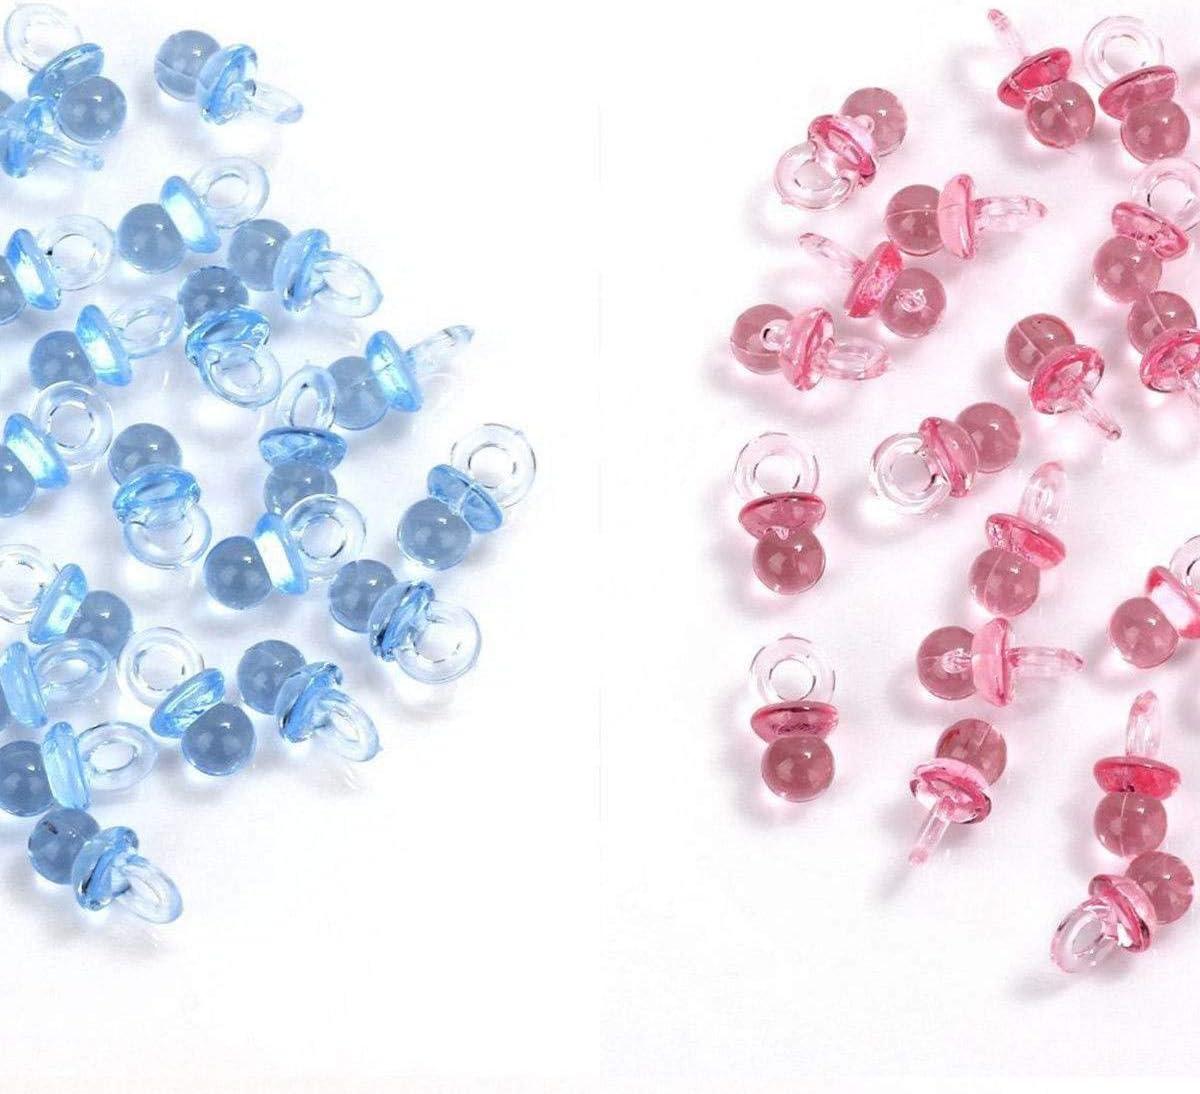 MINGZE 100 piezas de acrílico plástico lindo azul y rosa pequeños chupetes para decoraciones de la ducha de bebé, mesa de dispersión, favores de fiesta, juegos y actividades